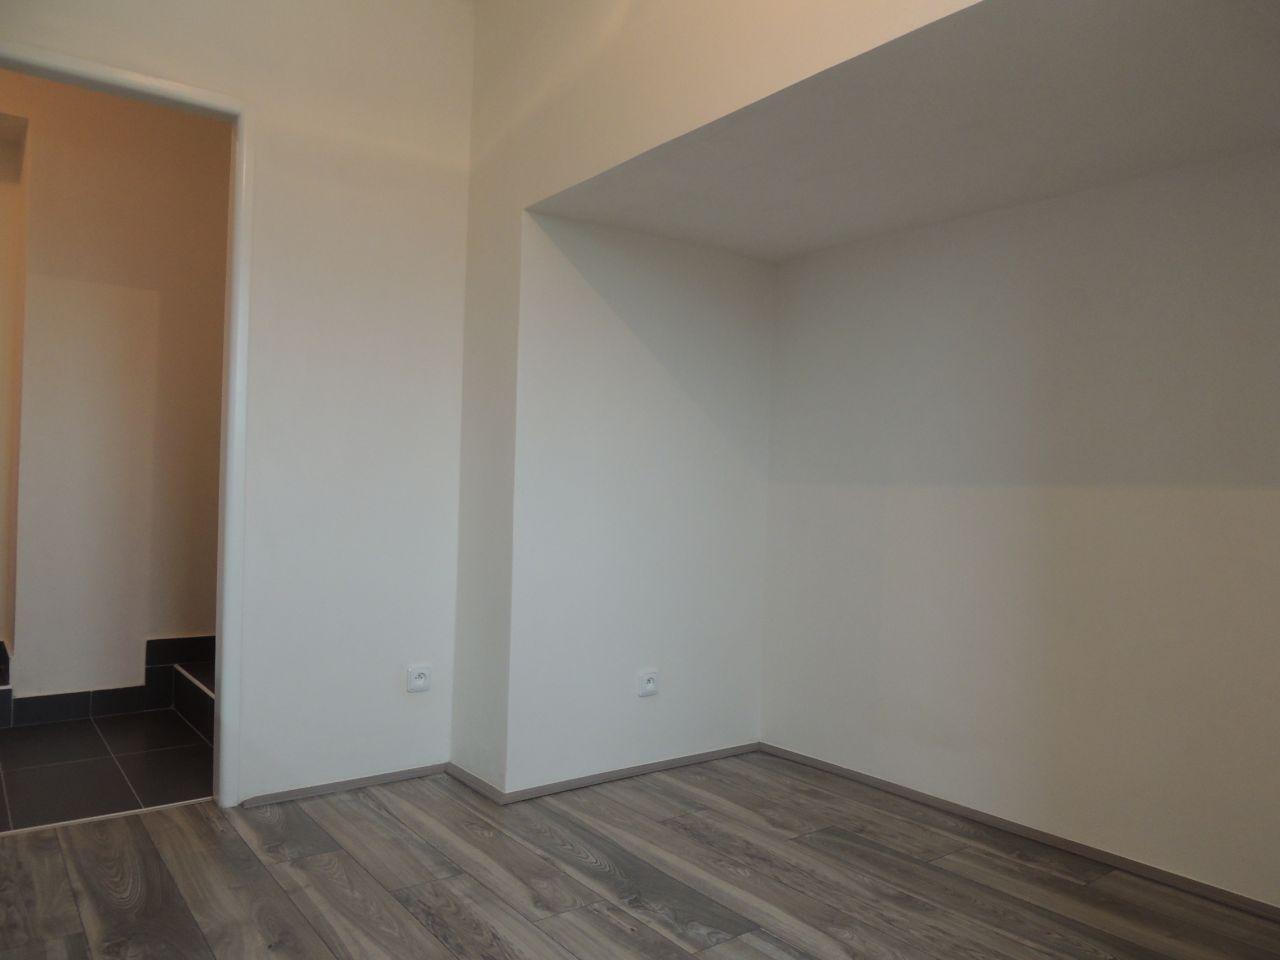 Pronájem bytu 1+1 36 m2, ul. Dolní 2322/37, Ostrava - Zábřeh